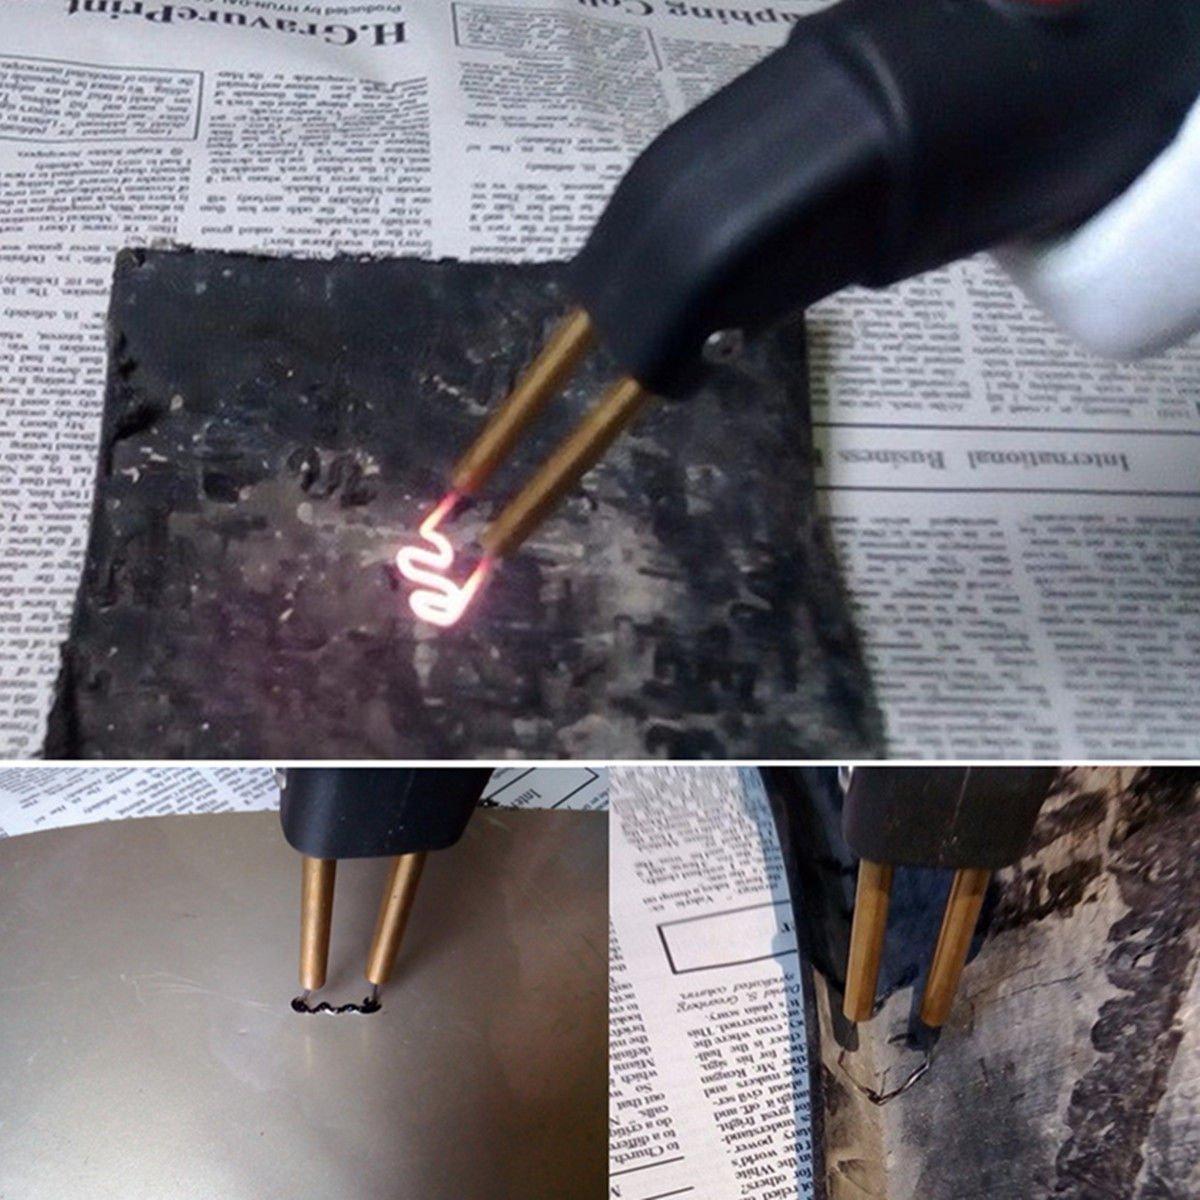 Seababyhouse Kit de Reparaci/ón de Parachoques de Pl/ástico de la Grapadora Caliente Carrocer/ía de la Defensa Arma de Soldadura Profesional de la M/áquina de Soldadura de la Reparaci/ón LED luz